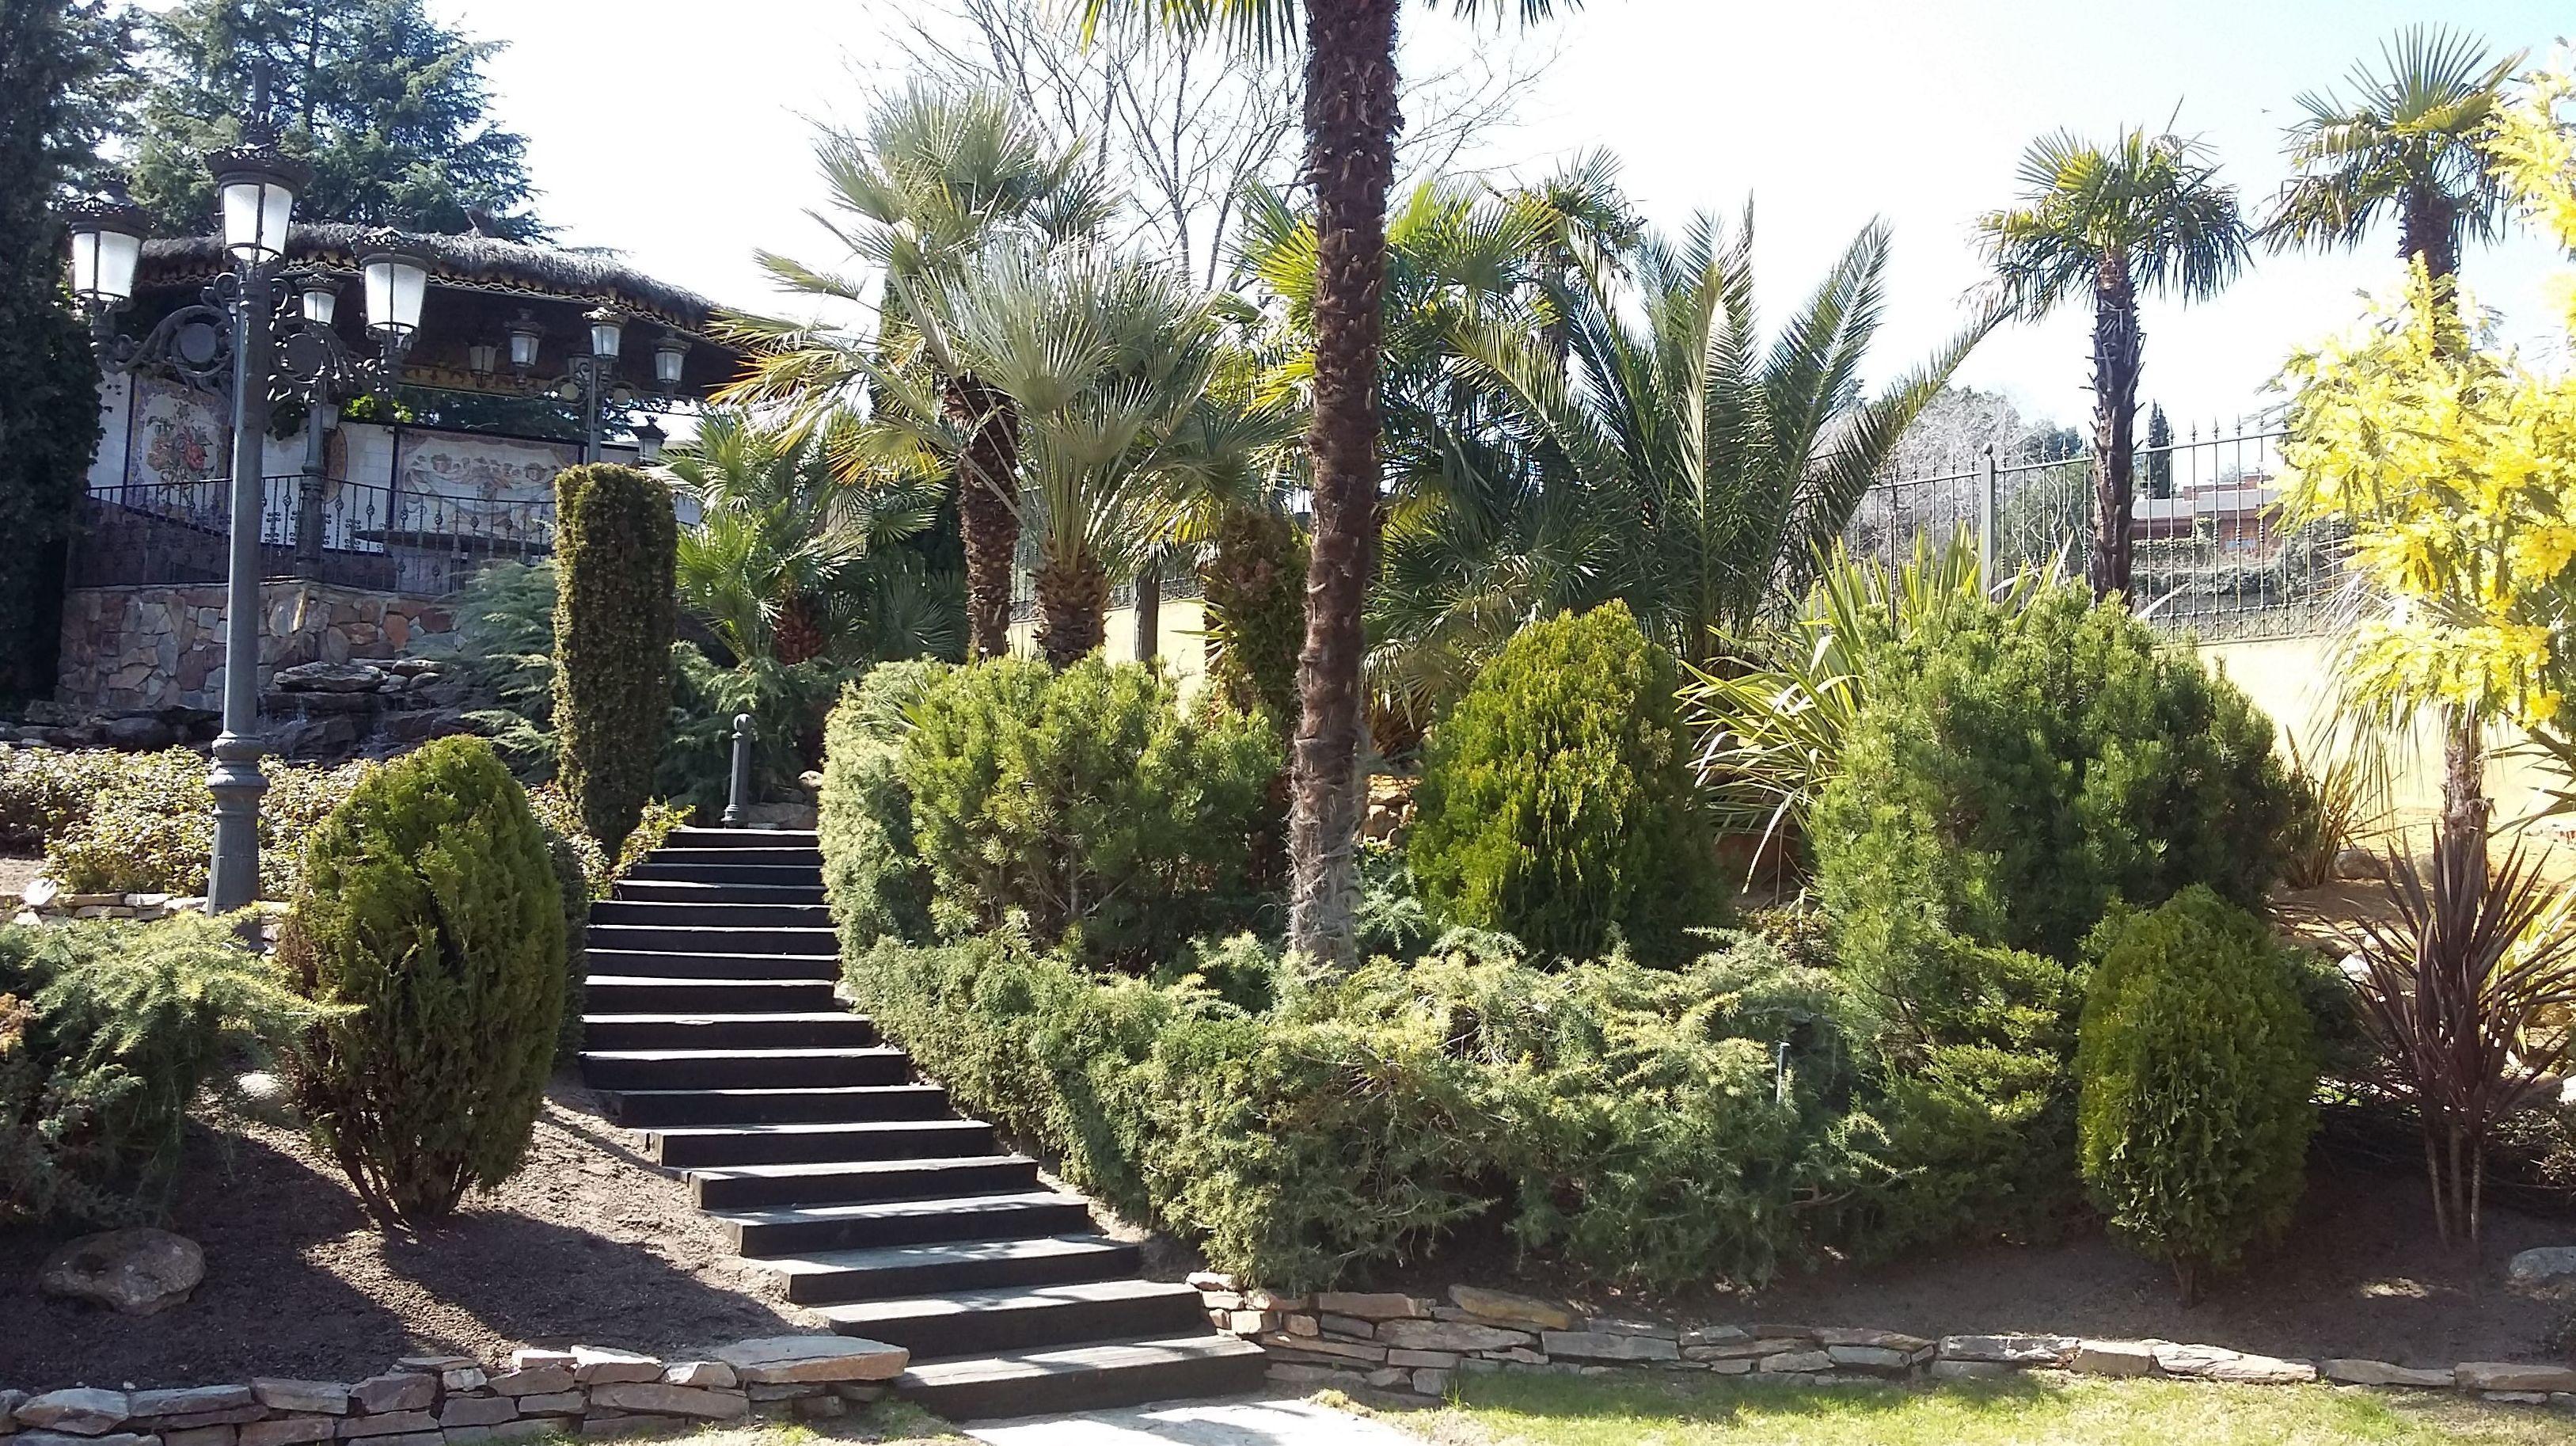 Dise o y mantenimiento de jardines en las rozas - Diseno jardines madrid ...